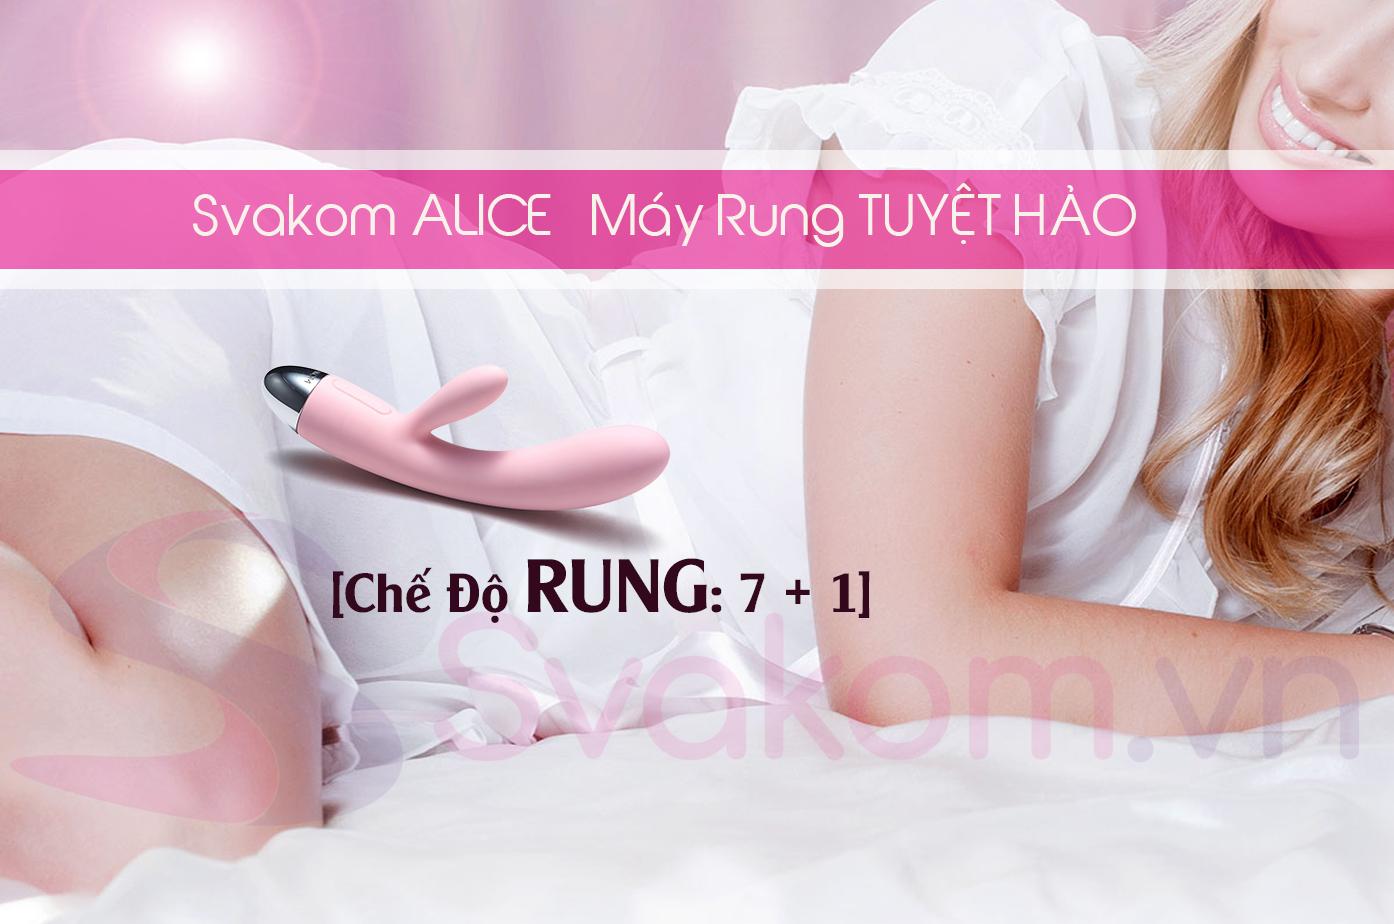 7 + 1 chế độ rung của Alice Svakom cực chất